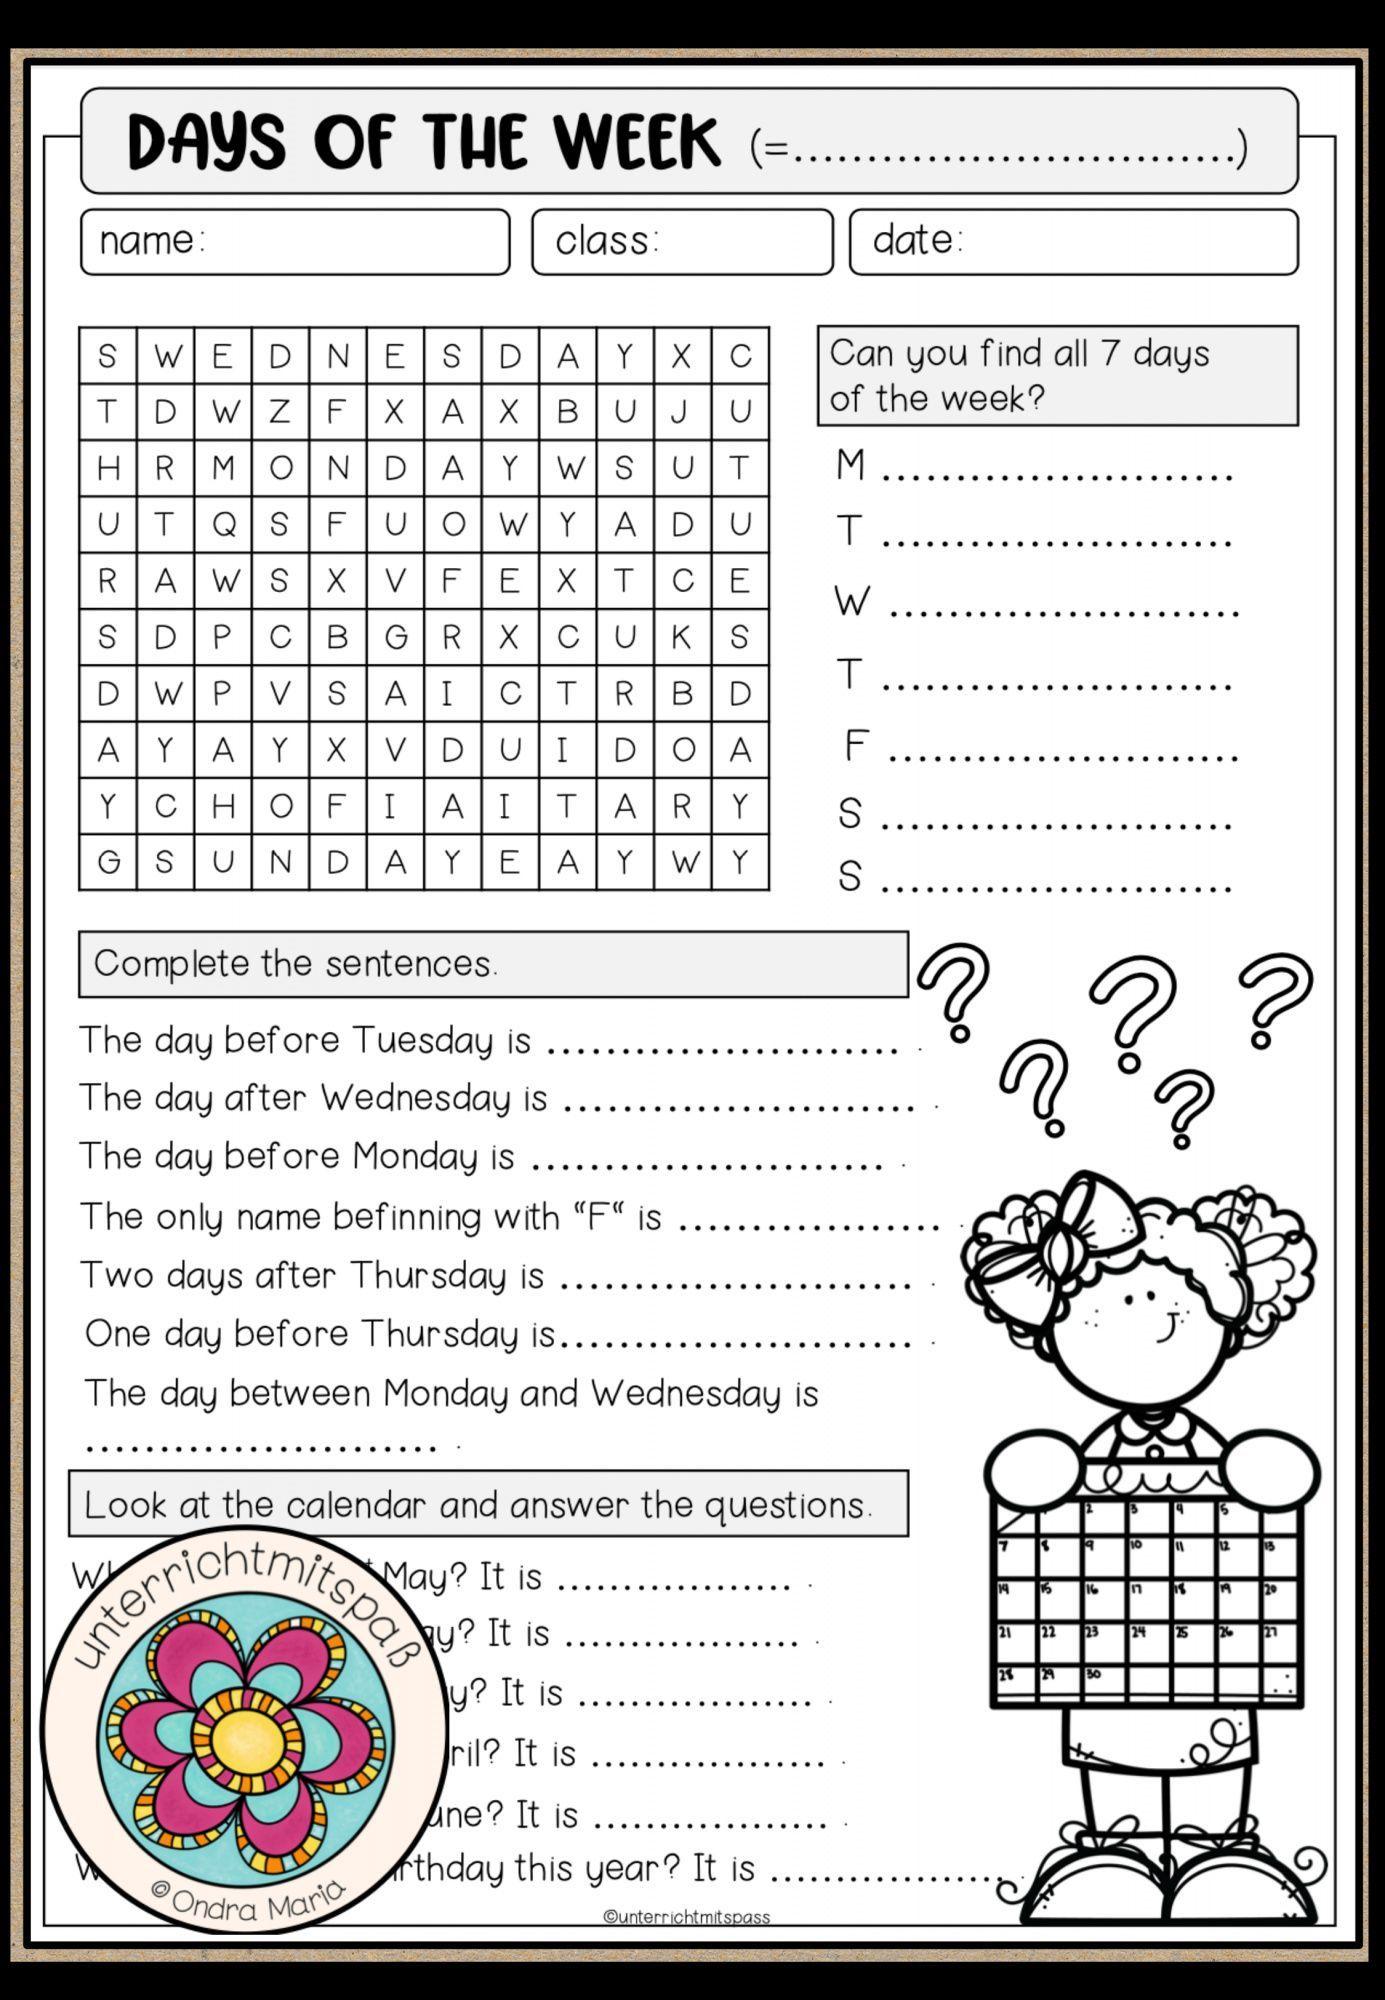 Days of the week   Worksheet – Unterrichtsmaterial im Fach ...